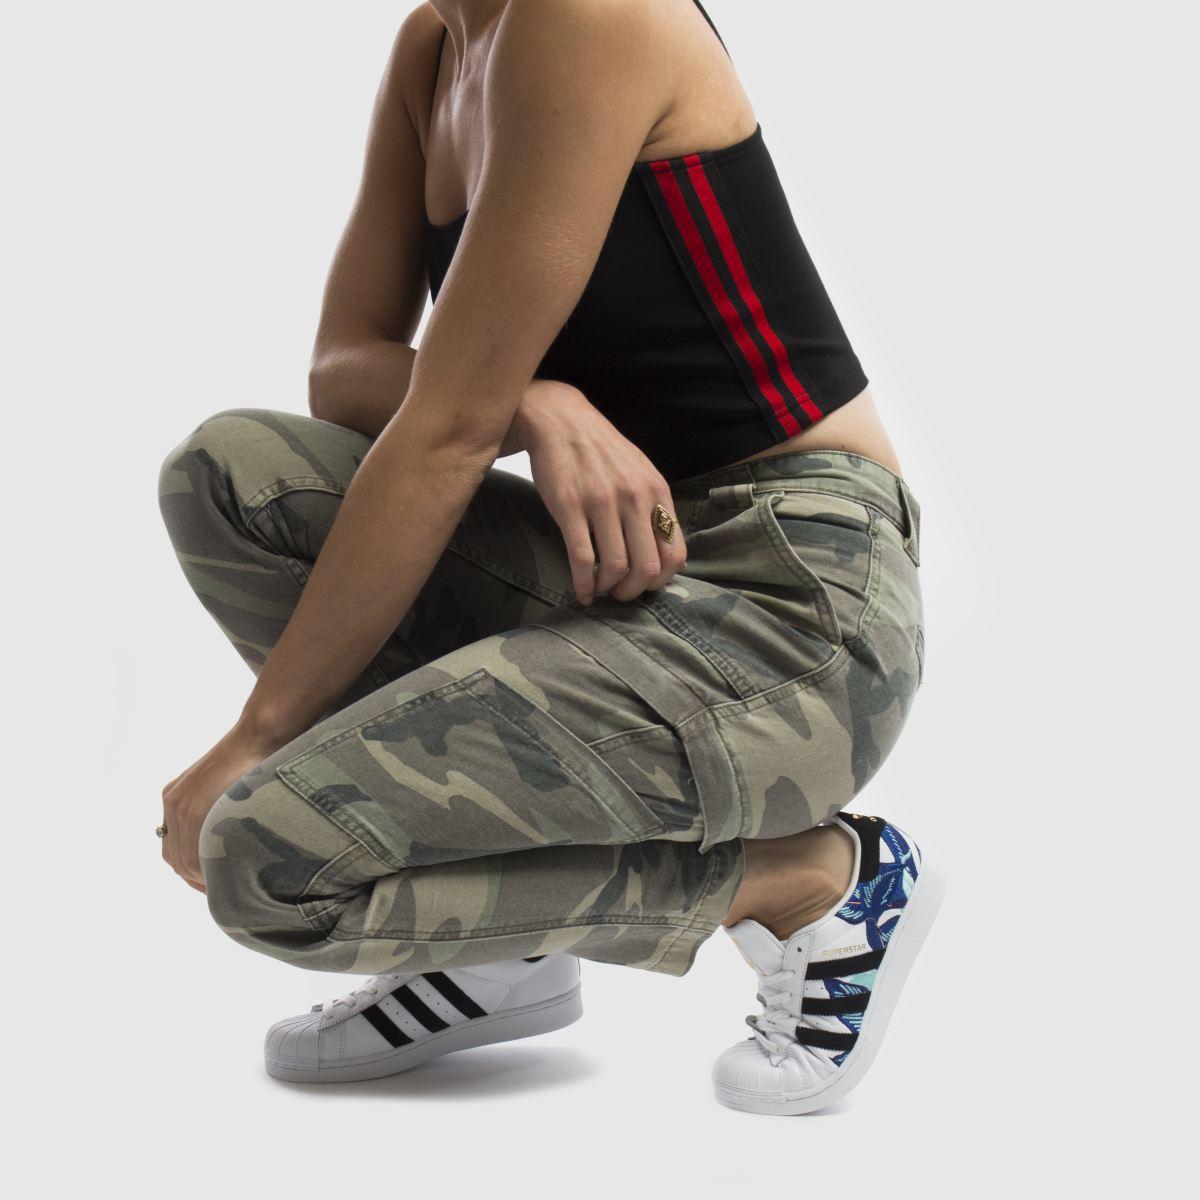 Damen Weiß-blau adidas Qualität Superstar Farm Sneaker | schuh Gute Qualität adidas beliebte Schuhe 15152f